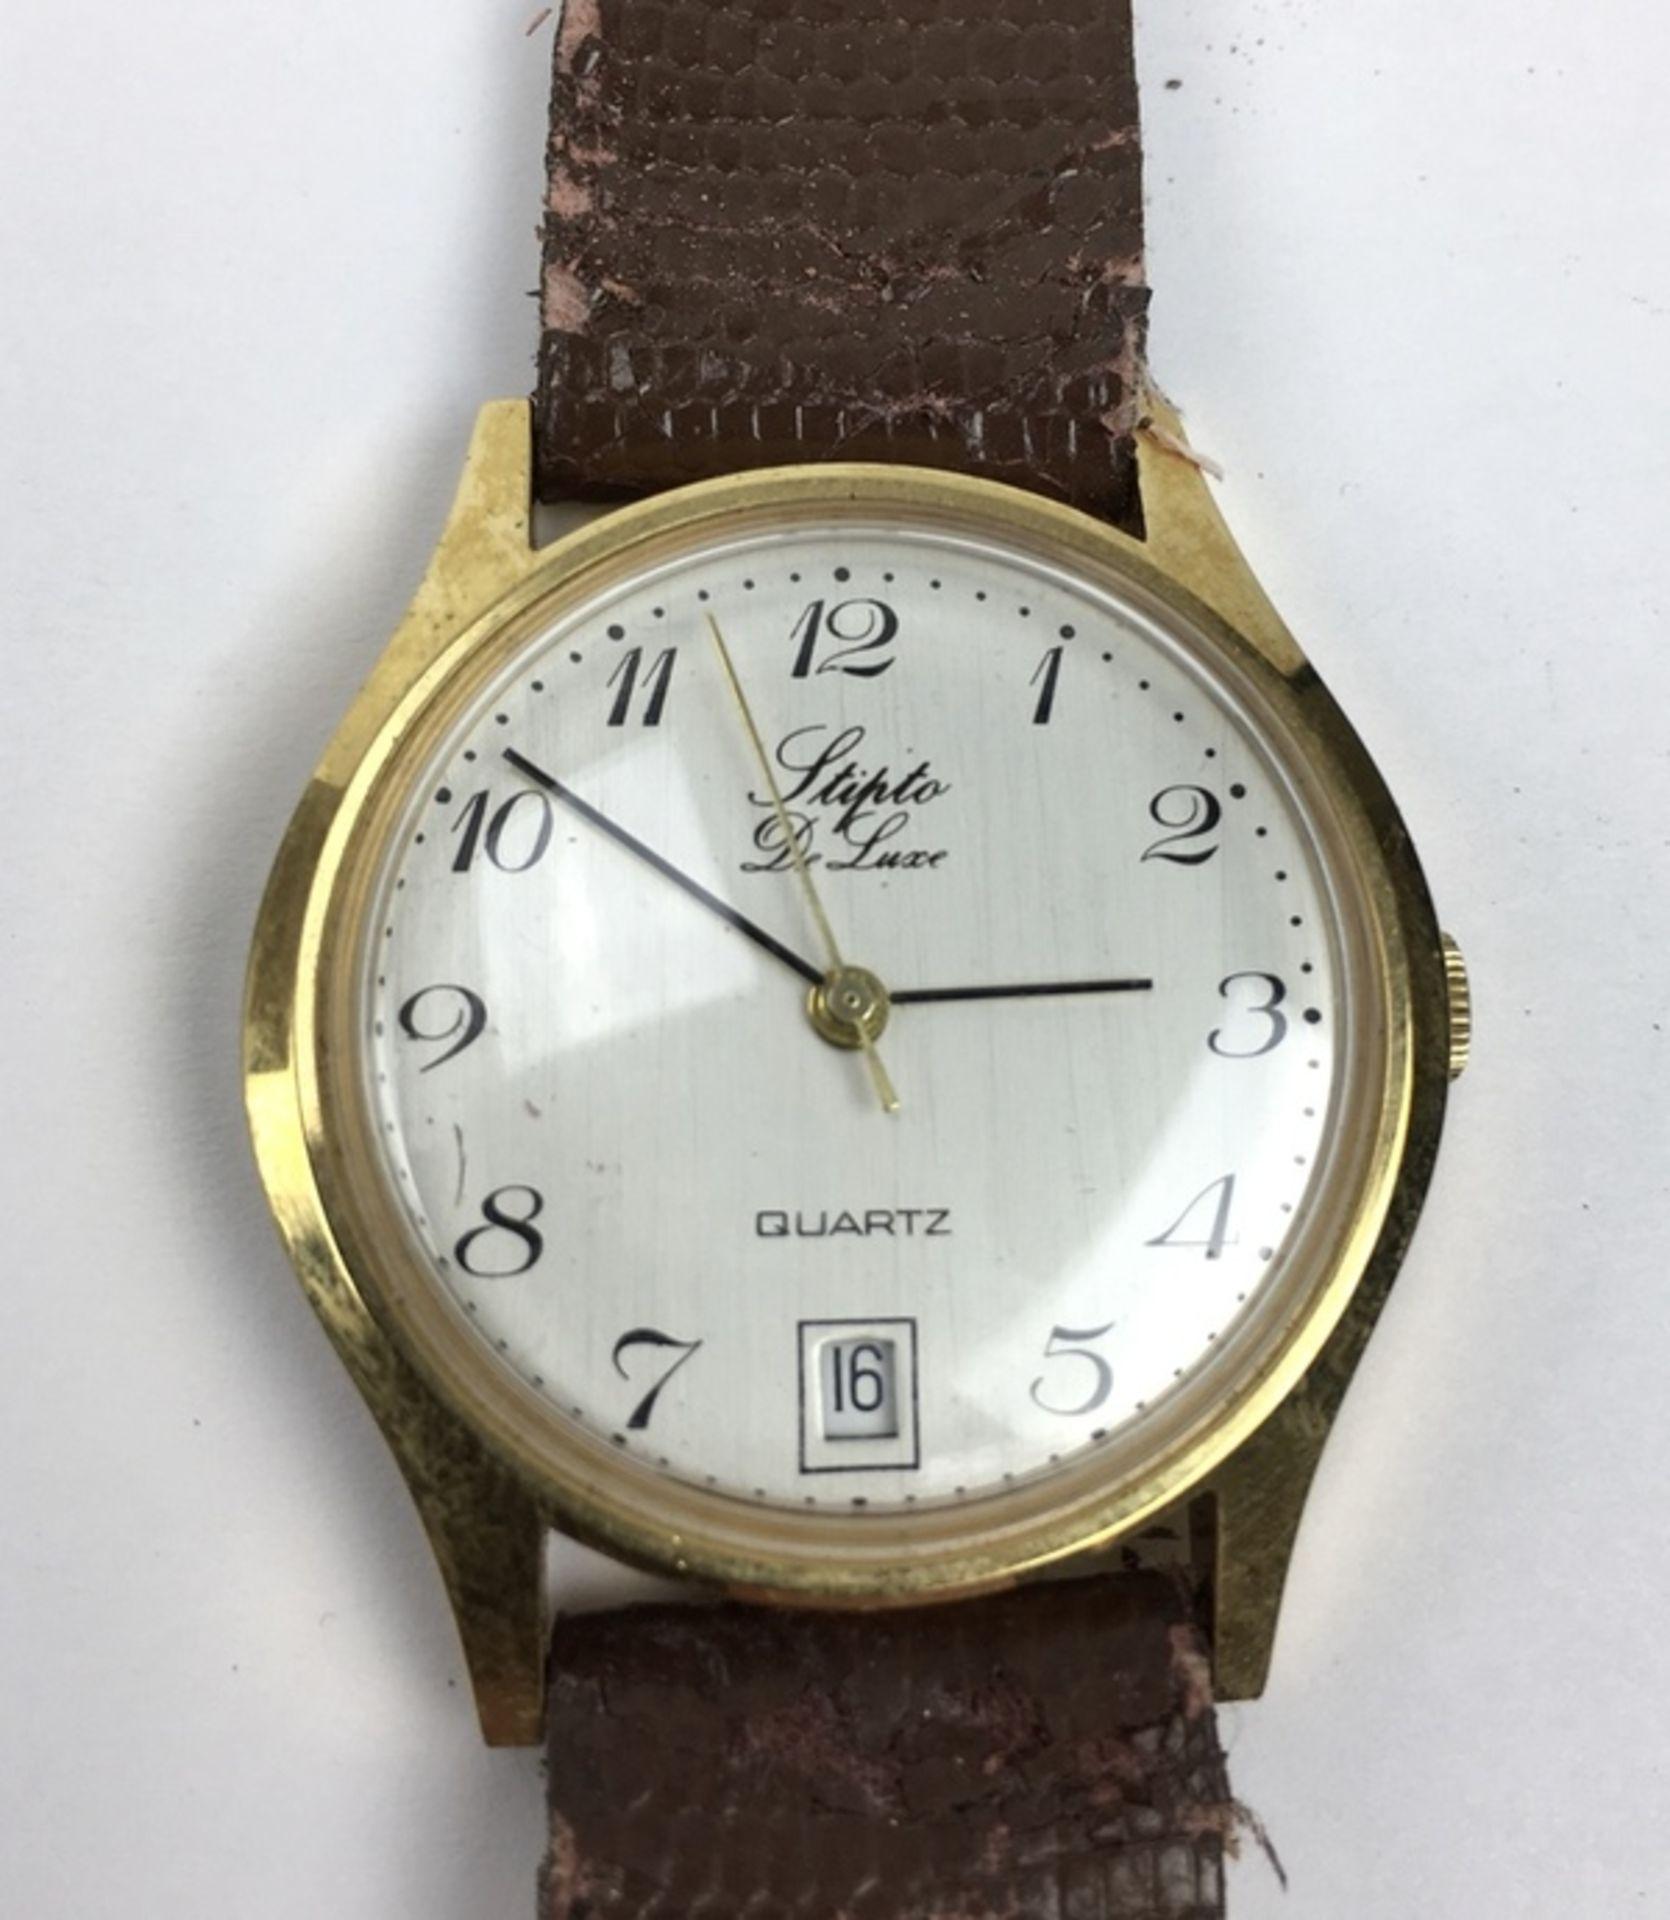 (Sieraden) HorlogesDrie verschillende merken horloges. Conditie: Gebruikssporen, niet getest. A - Image 5 of 7